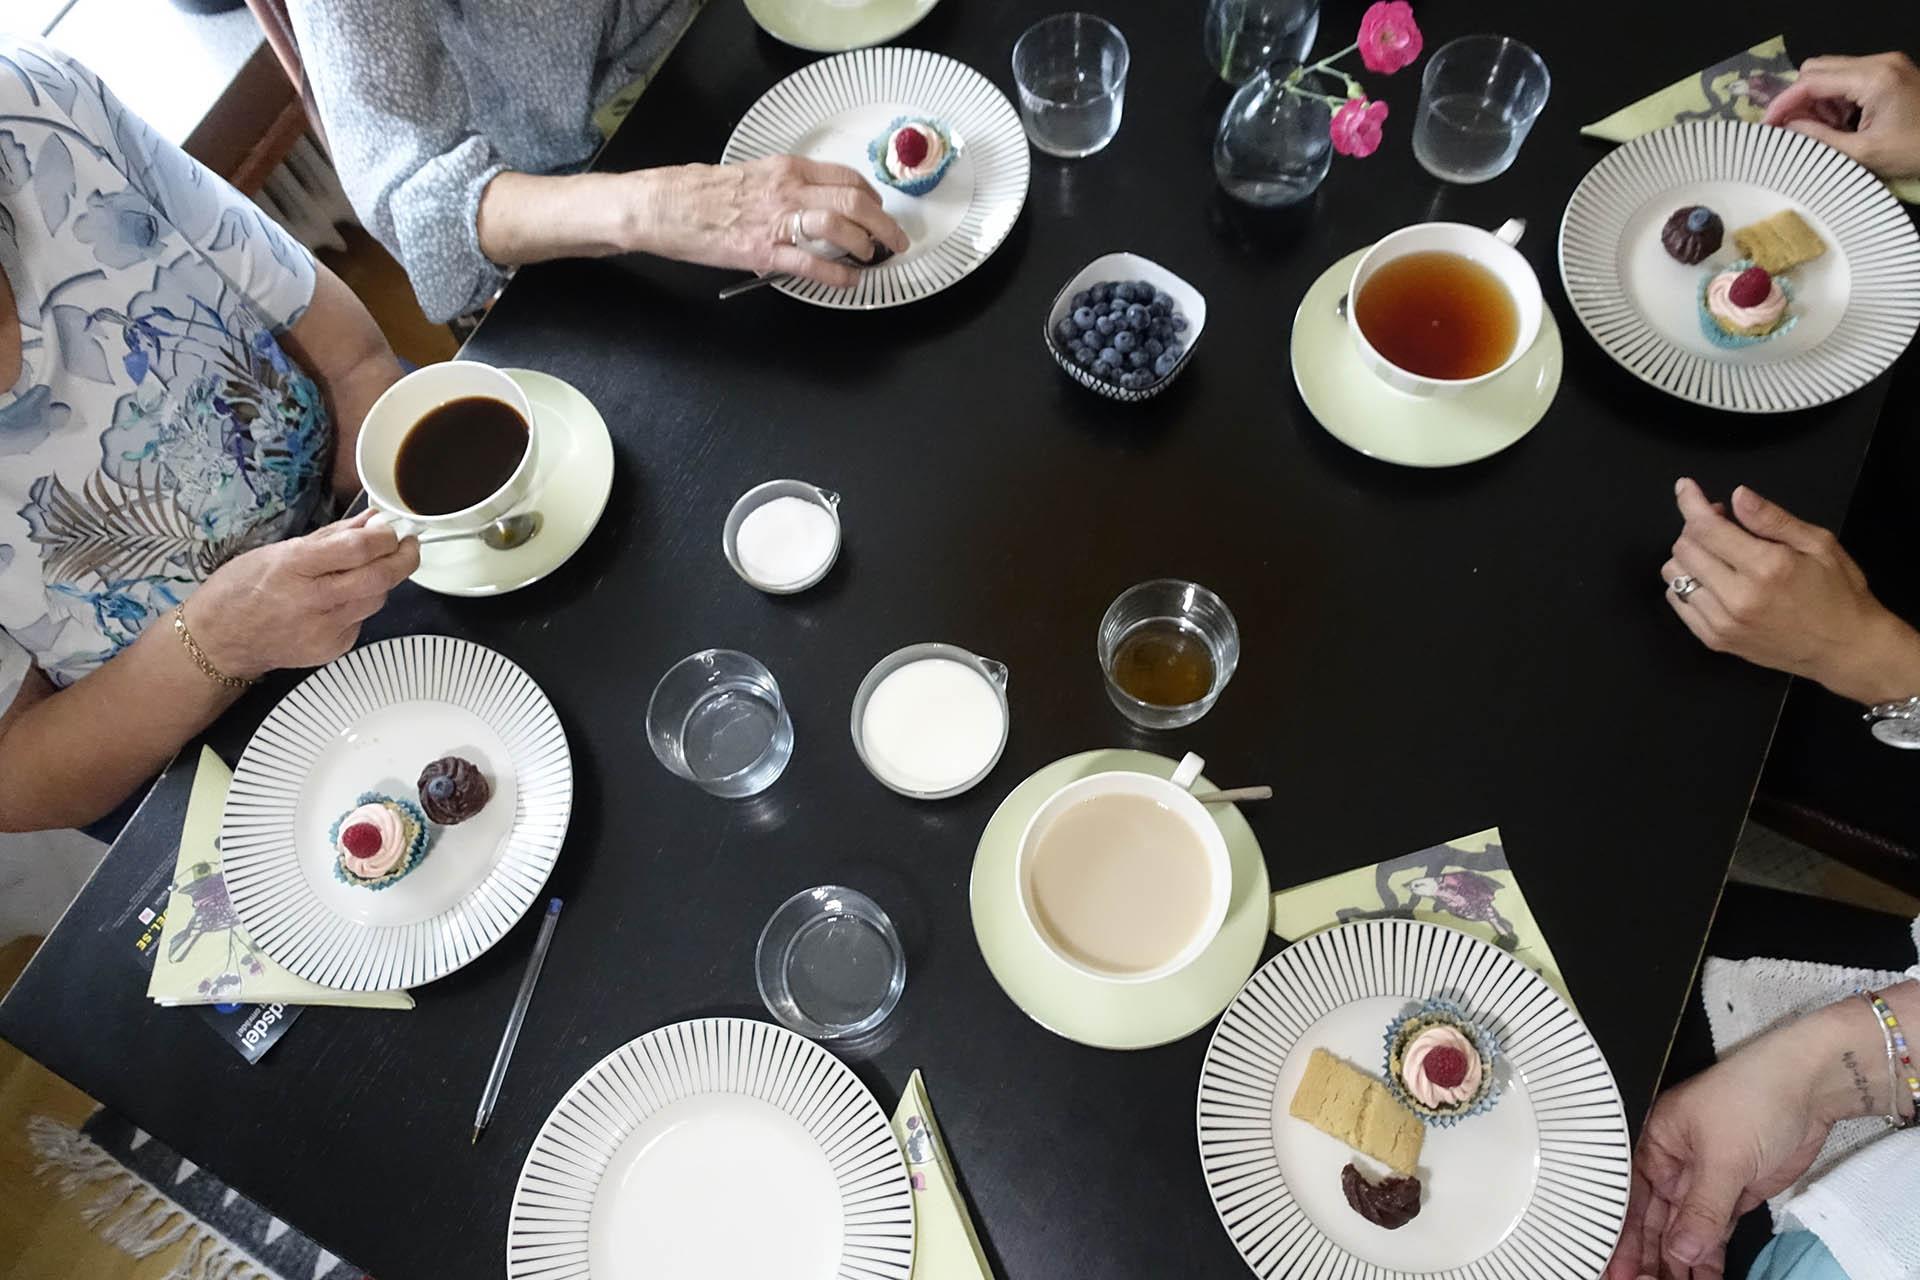 mötesplatser för äldre i skellefteå s: t olov